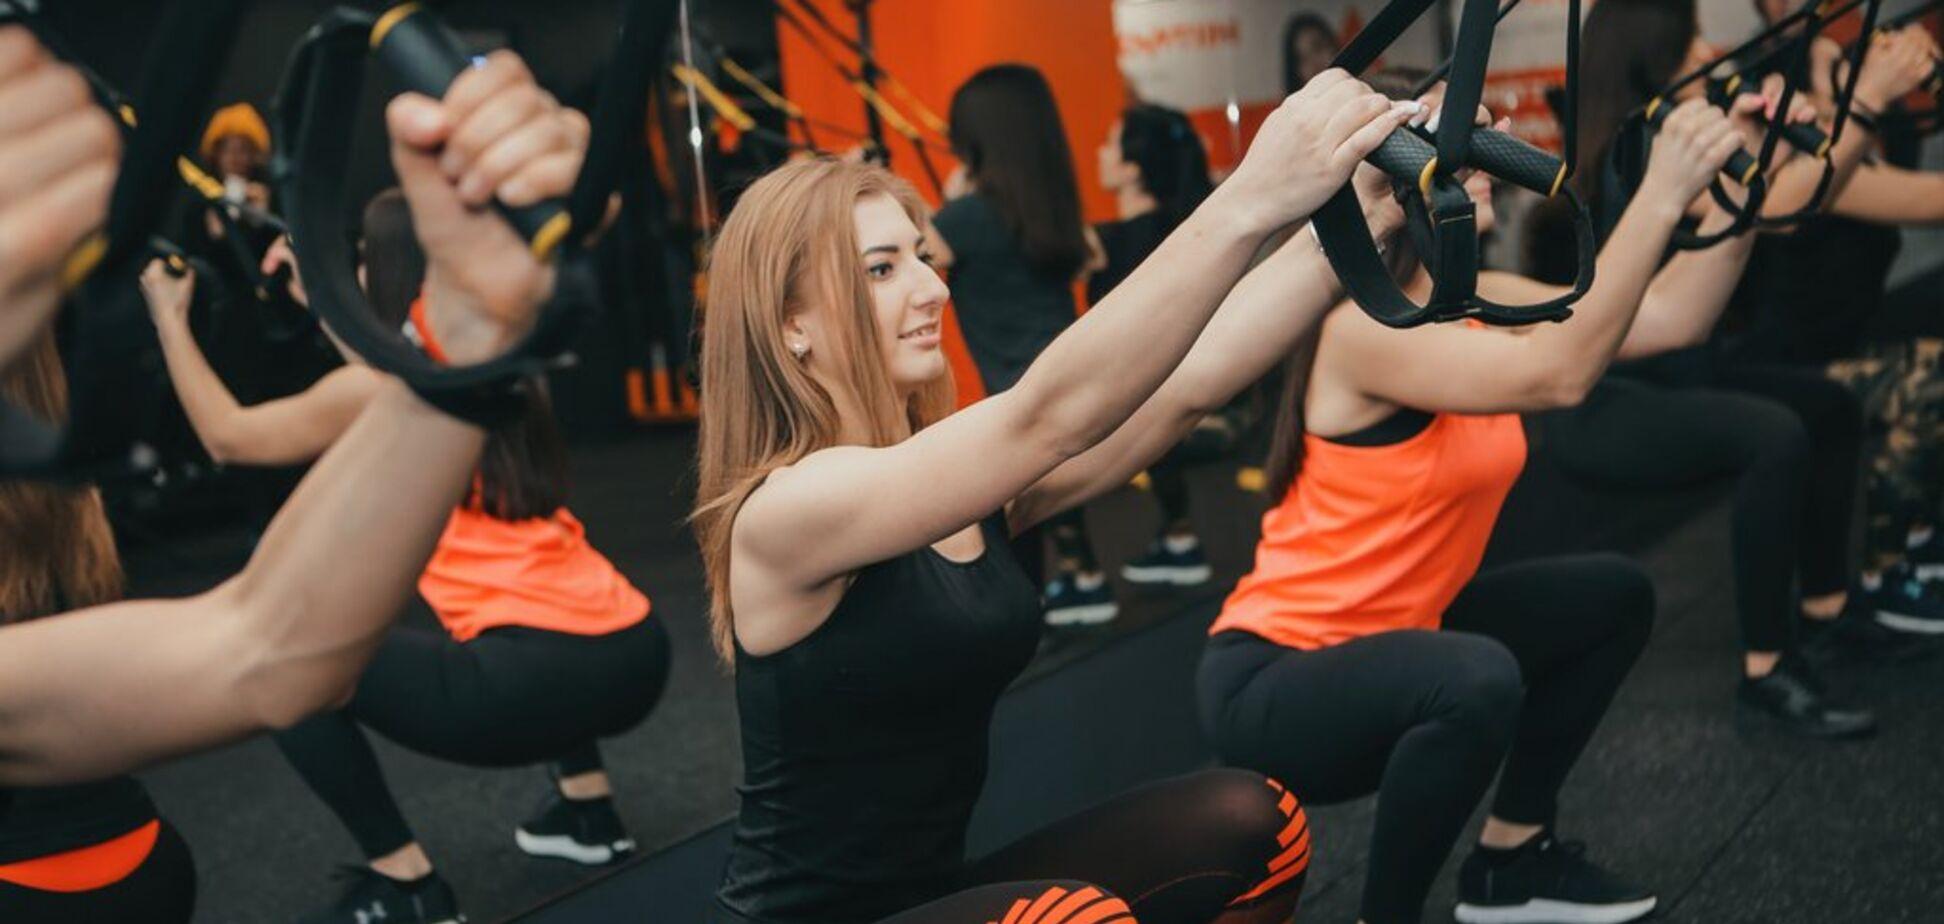 Йога, бег, ТRХ: в чем польза и что эффективнее для фигуры и здоровья